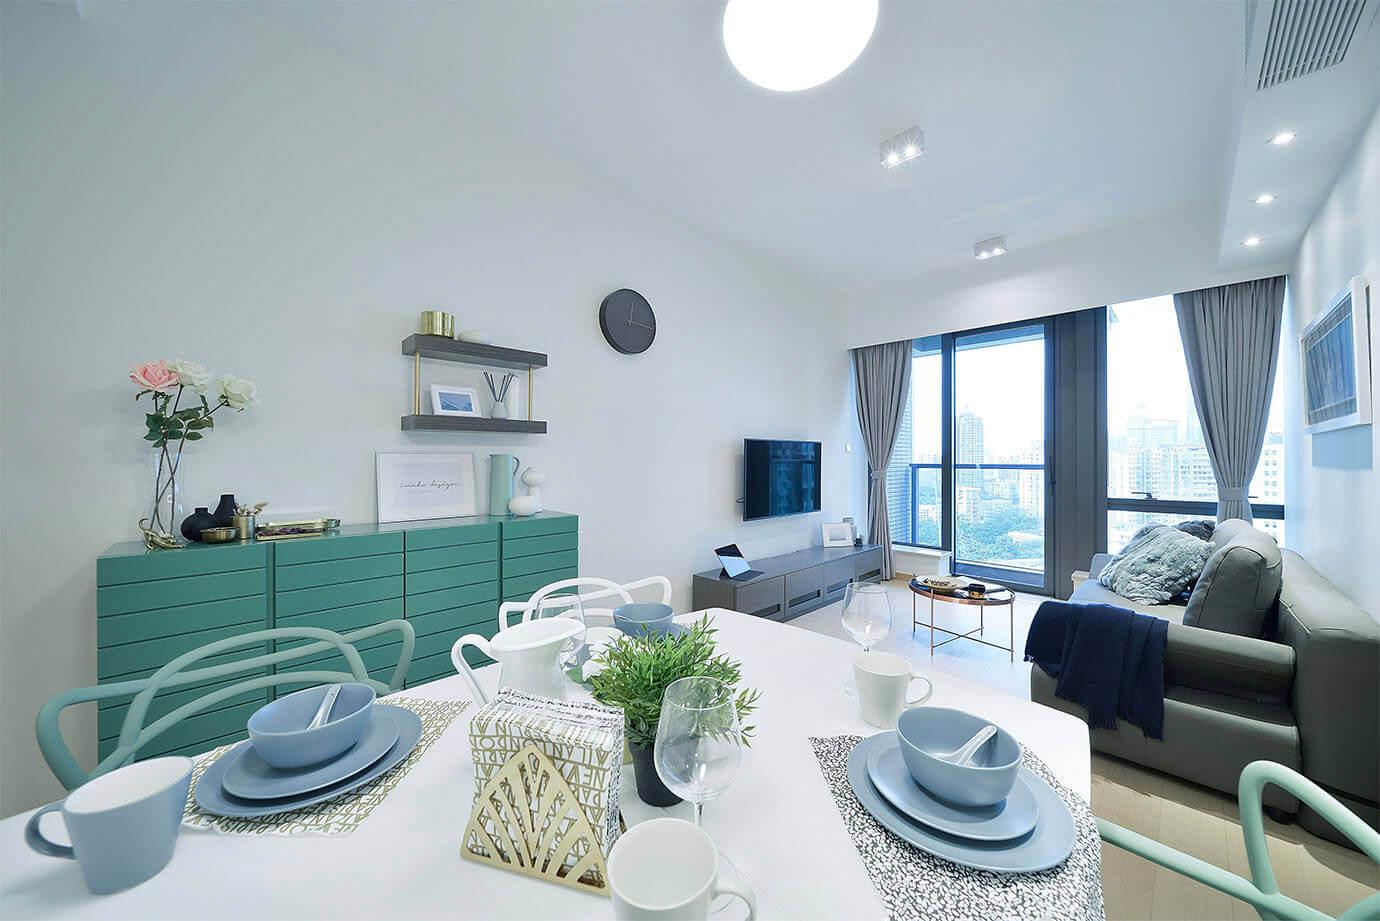 Inch Interior Design Hong Kong Mantin Heights